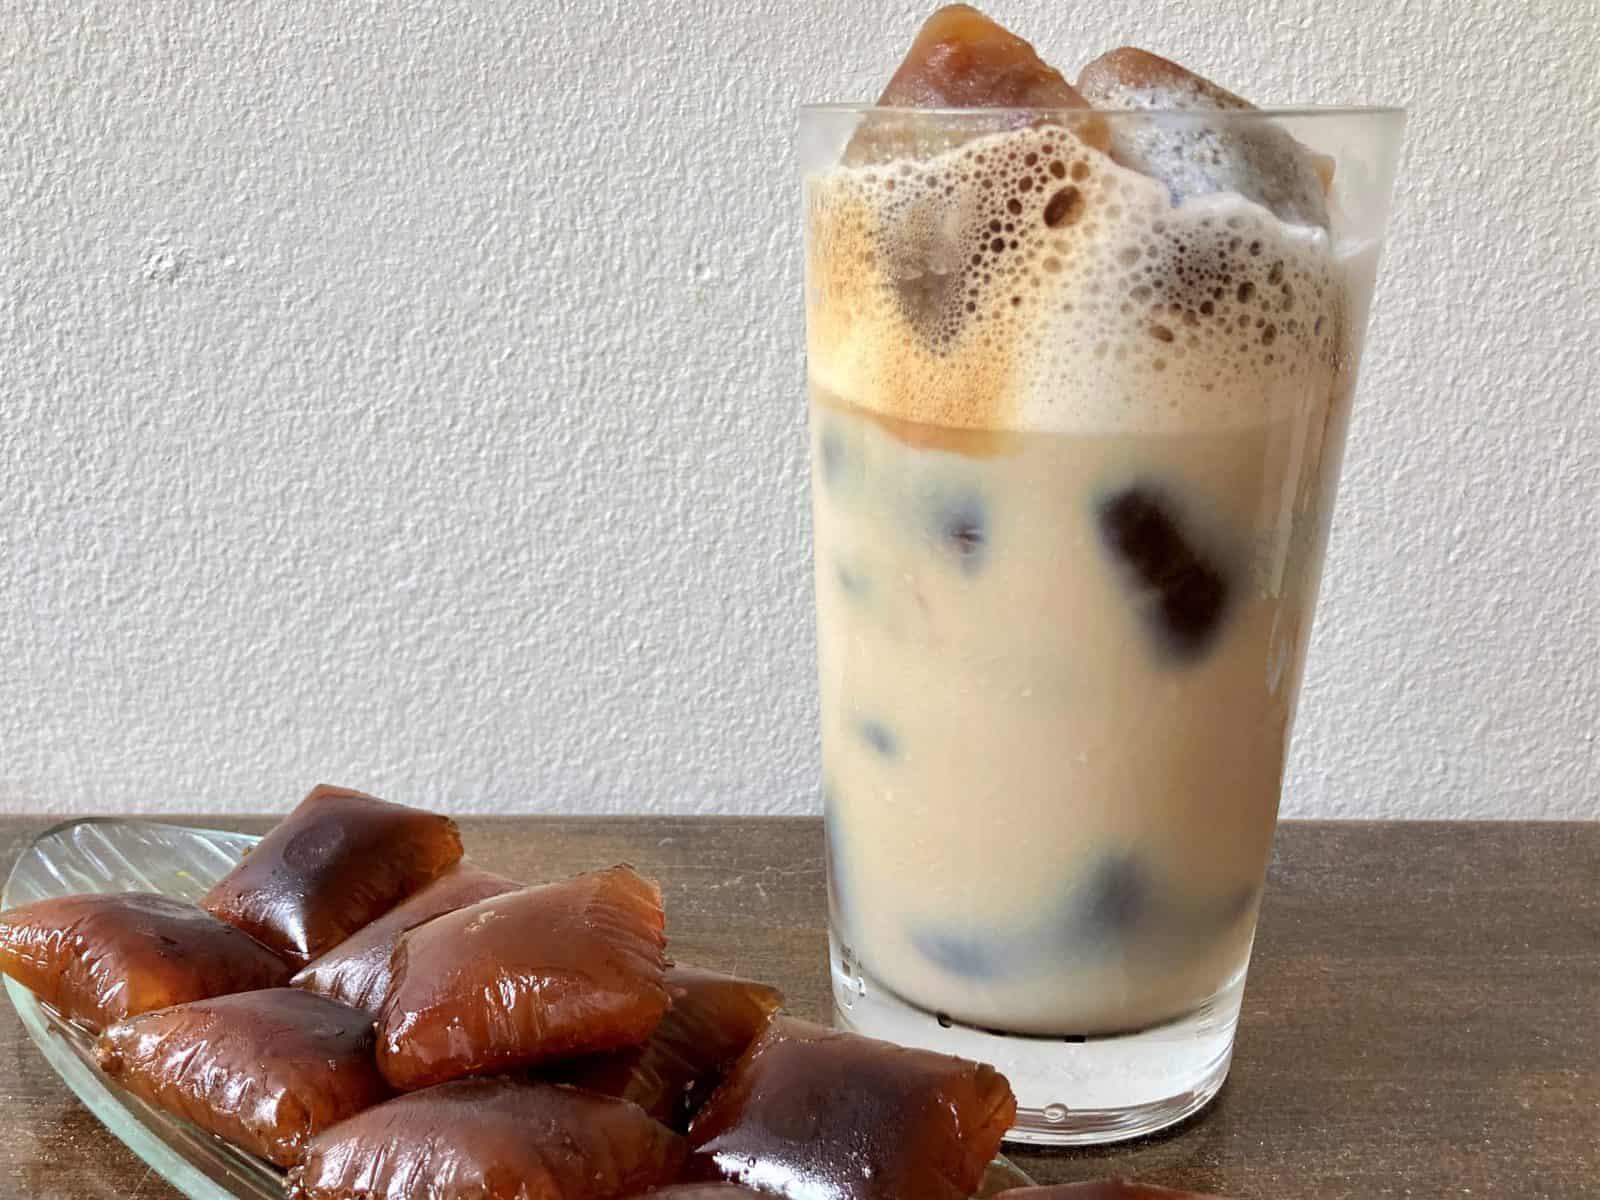 Bedste tip til iskaffe: Isterninger m kaffe